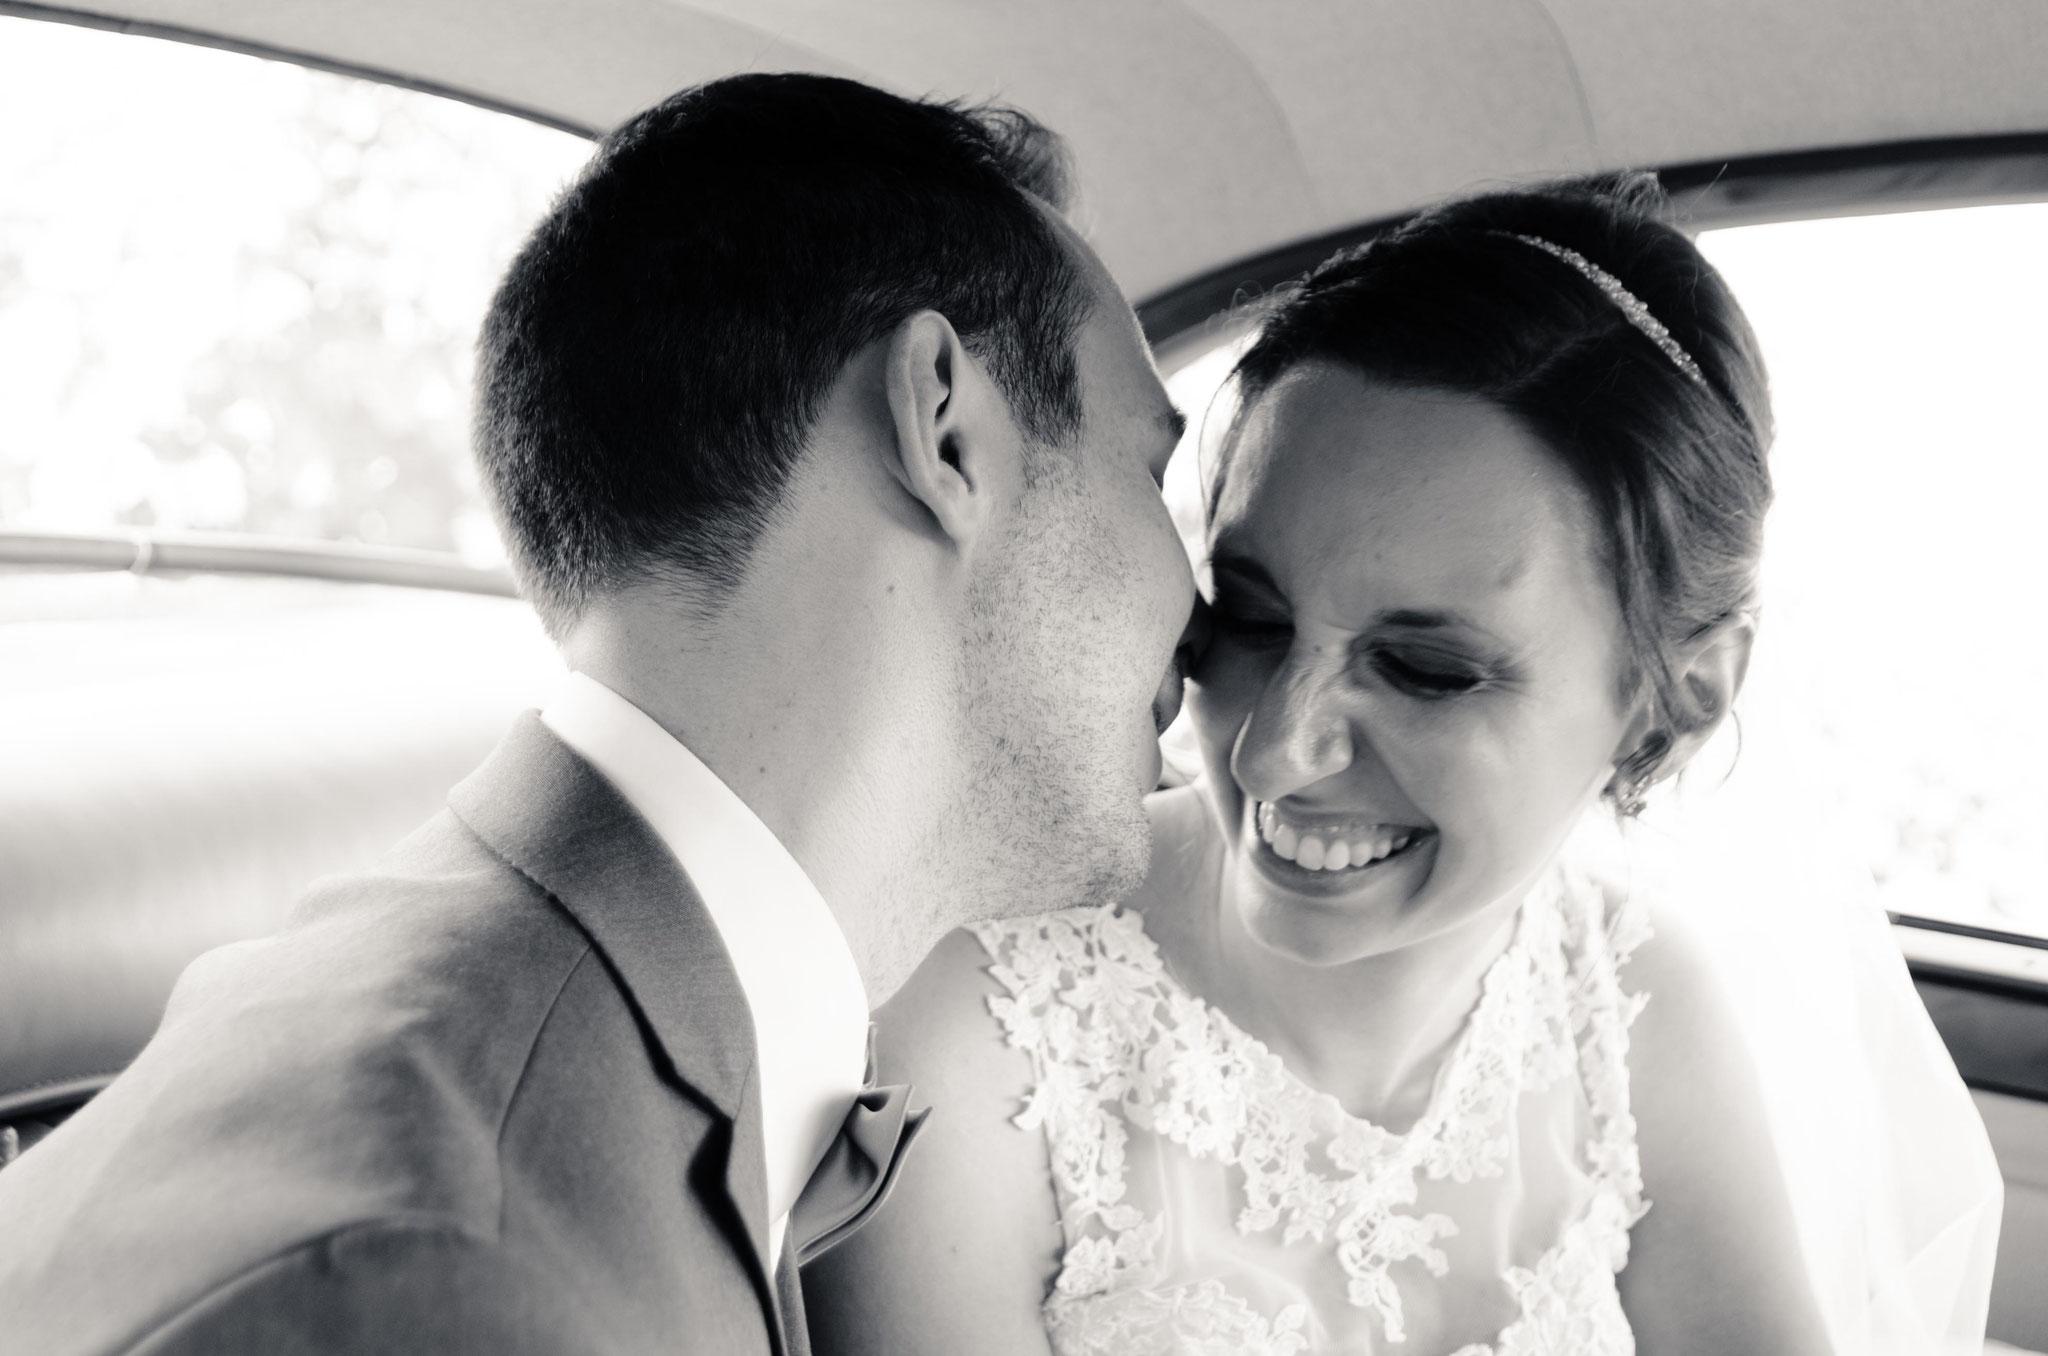 Brautpaar im Auto / Reben Kappelrodeck